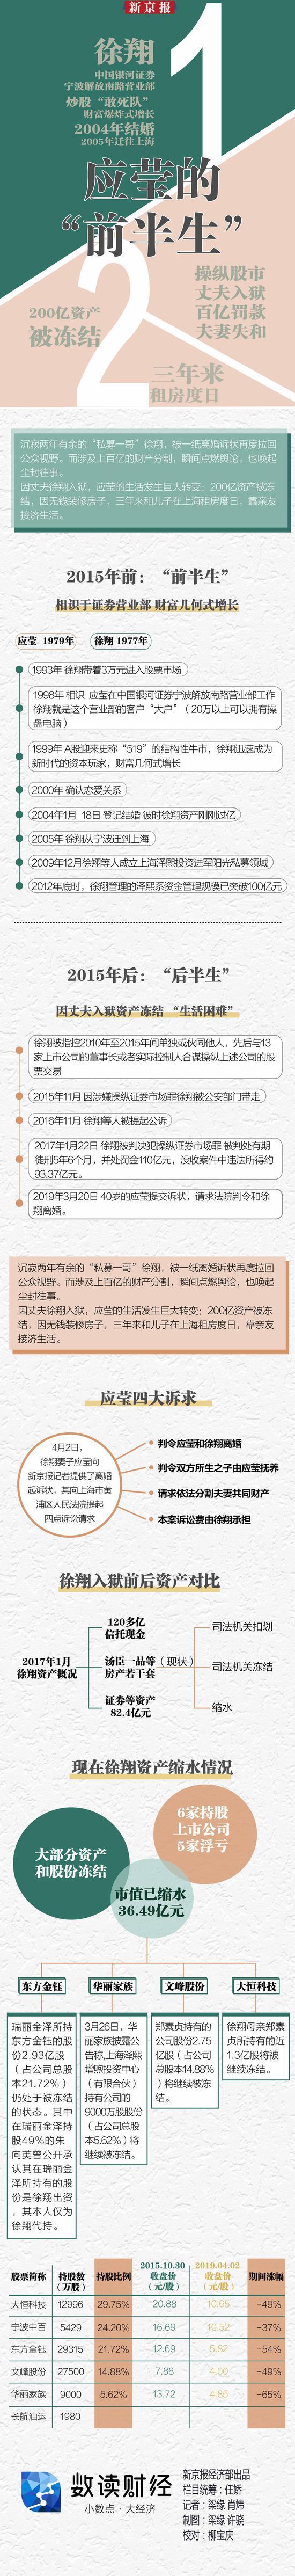 """徐翔妻子的""""前半生"""":租房度日 靠亲友接济生活"""